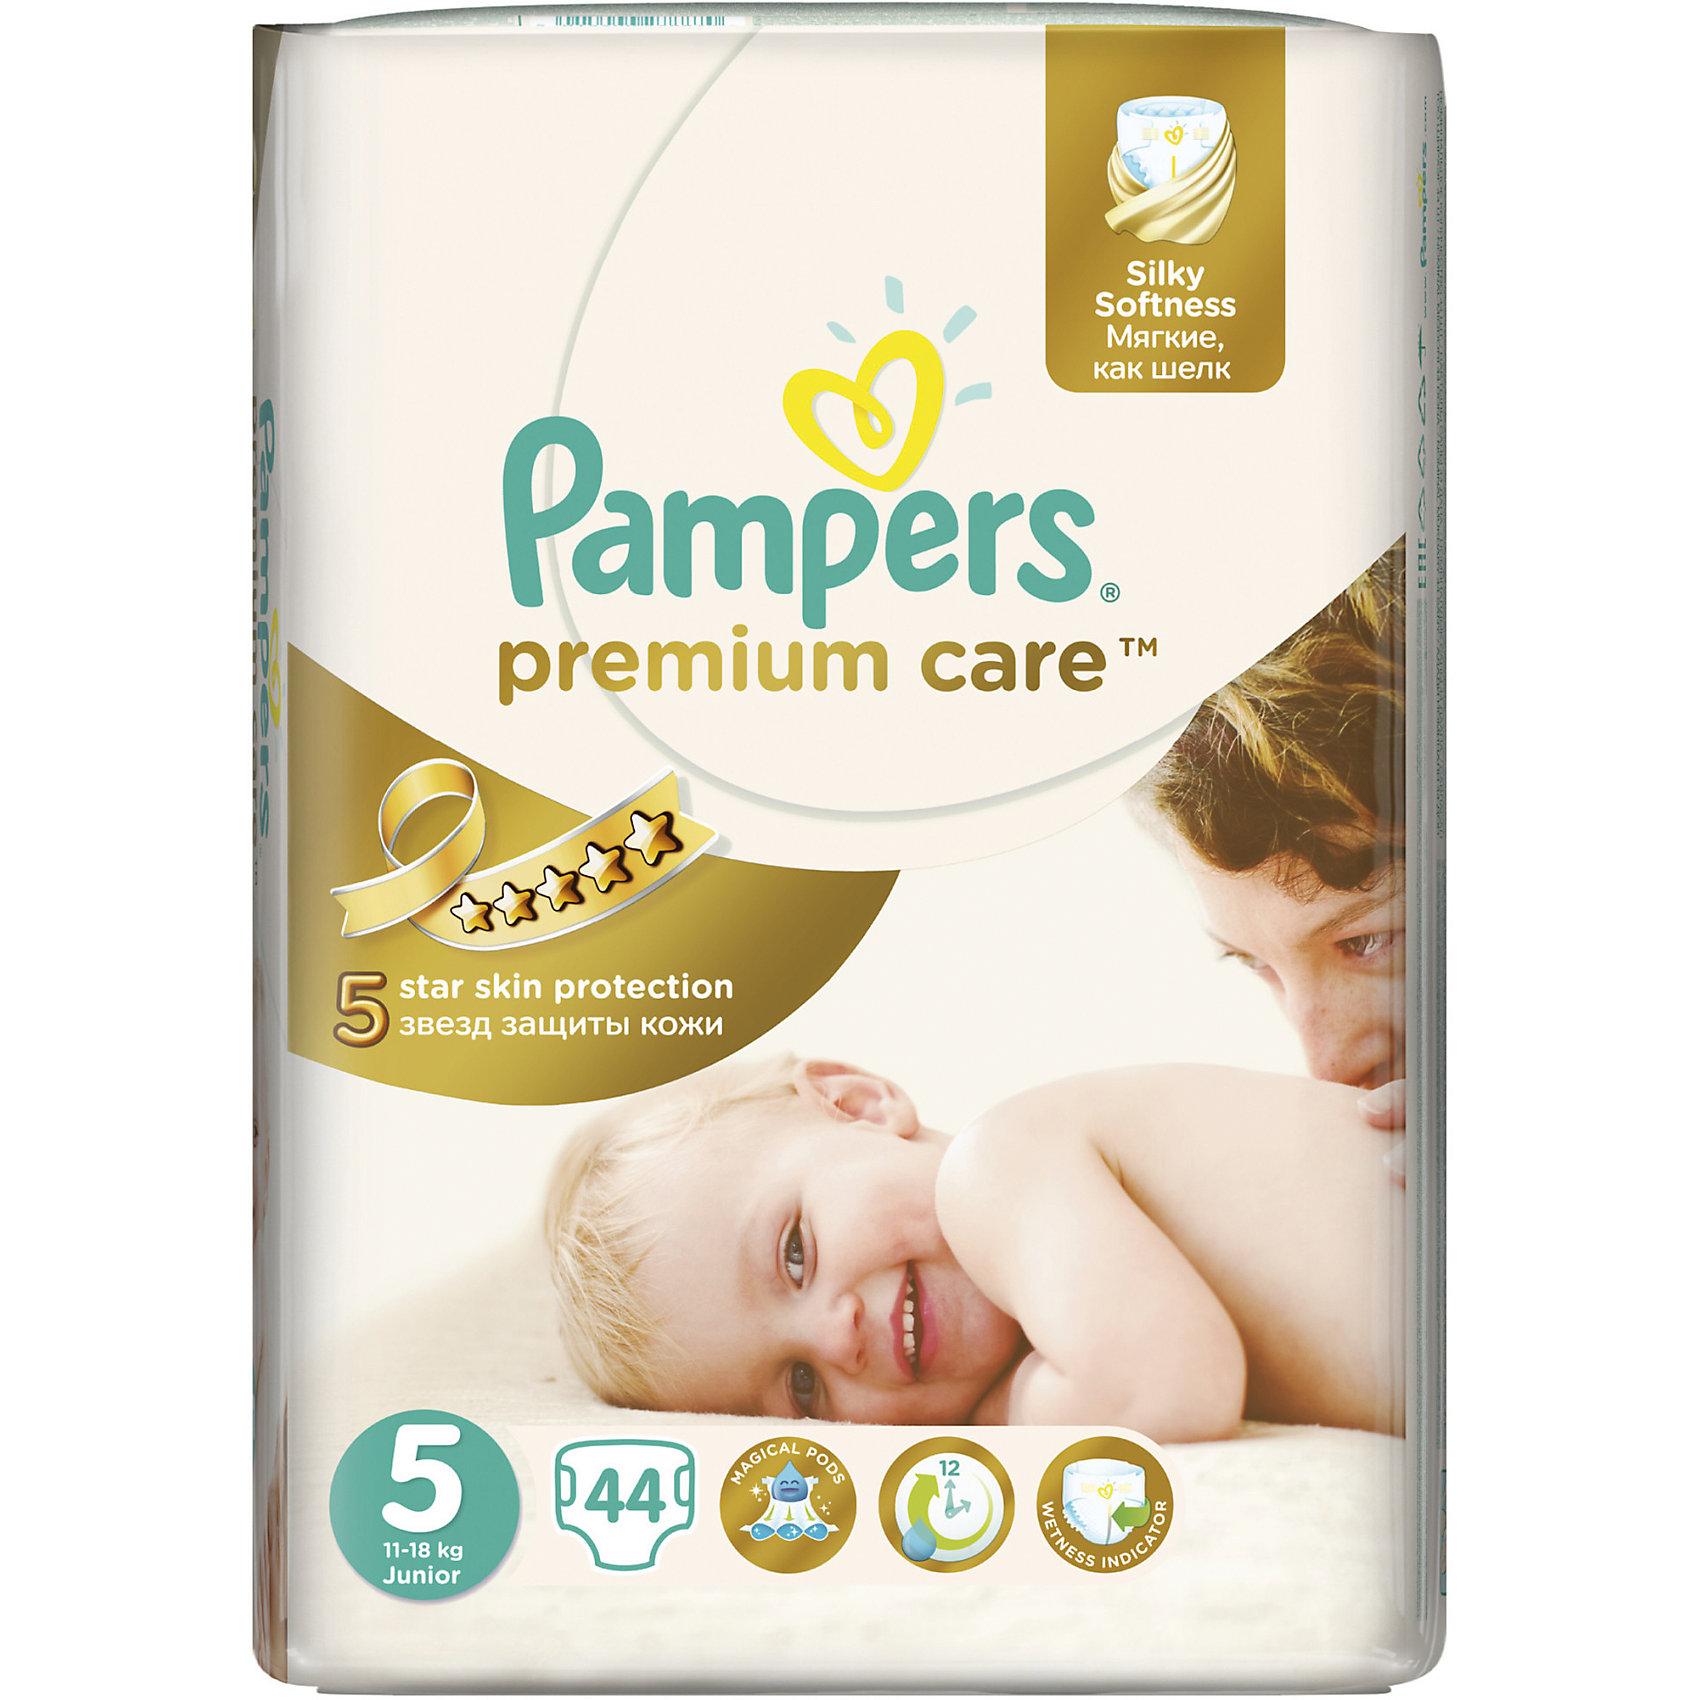 Подгузники Pampers Premium Care, 11-18 кг, 5 размер, 44 шт., PampersПодгузники классические<br>Характеристики:<br><br>• Пол: универсальный<br>• Тип подгузника: одноразовый<br>• Коллекция: Premium Care<br>• Предназначение: для использования в любое время суток <br>• Размер: 5<br>• Вес ребенка: от 11 до 18 кг<br>• Количество в упаковке: 44 шт.<br>• Упаковка: пакет<br>• Размер упаковки: 30,5*12*23,1 см<br>• Вес в упаковке: 1 кг 147 г<br>• Эластичные застежки-липучки<br>• Подходят для чувствительной кожи<br>• Индикатор влаги<br>• Дышащие материалы<br>• Повышенные впитывающие свойства<br><br>Подгузники Pampers Premium Care, 11-18 кг, 5 размер, 44 шт., Pampers – это новейшая линейка детских подгузников от Pampers, которая сочетает в себе высокое качество и безопасность материалов, удобство использования и комфорт для нежной кожи малыша. Подгузники предназначены для детей весом до 18 кг. Инновационные технологии и современные материалы обеспечивают этим подгузникам дышащие свойства, что особенно важно для кожи малыша. <br><br>Три впитывающих слоя обеспечивают повышенные впитывающие качества, при этом верхний слой остается сухим и мягким. У подгузников предусмотрена эластичная мягкая резиночка на спинке. Широкие липучки с двух сторон обеспечивают надежную фиксацию. У подгузника предусмотрен индикатор сухости-влажности, полоска, которая по мере наполнения меняет цвет. Подгузник подходит как для мальчиков, так и для девочек. <br><br>Подгузники Pampers Premium Care, 11-18 кг, 5 размер, 44 шт., Pampers можно купить в нашем интернет-магазине.<br><br>Ширина мм: 305<br>Глубина мм: 120<br>Высота мм: 231<br>Вес г: 147<br>Возраст от месяцев: 12<br>Возраст до месяцев: 36<br>Пол: Унисекс<br>Возраст: Детский<br>SKU: 5419027